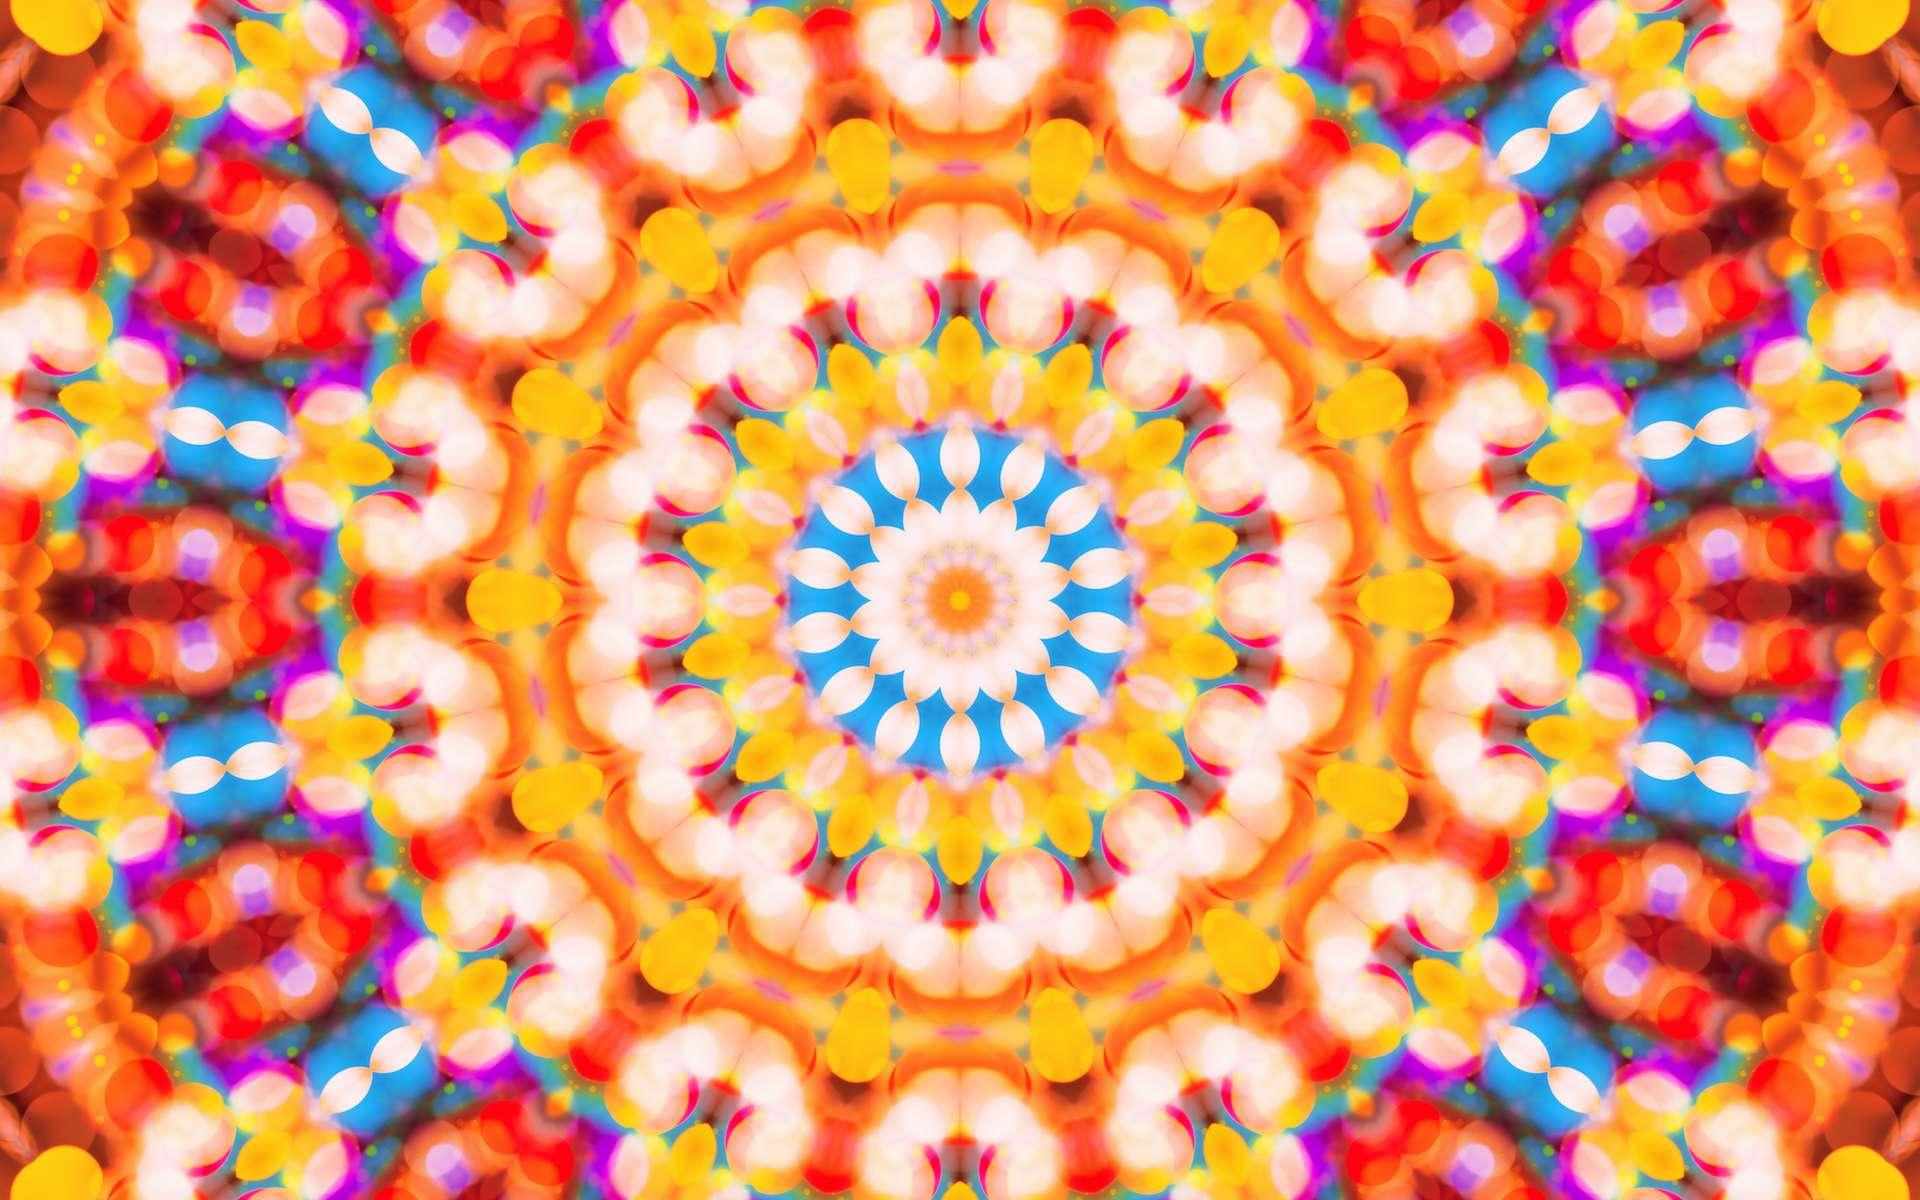 Les motifs colorés formés par le kaléidoscope peuvent varier à l'infini. © Bits and Splits, Adobe Stock